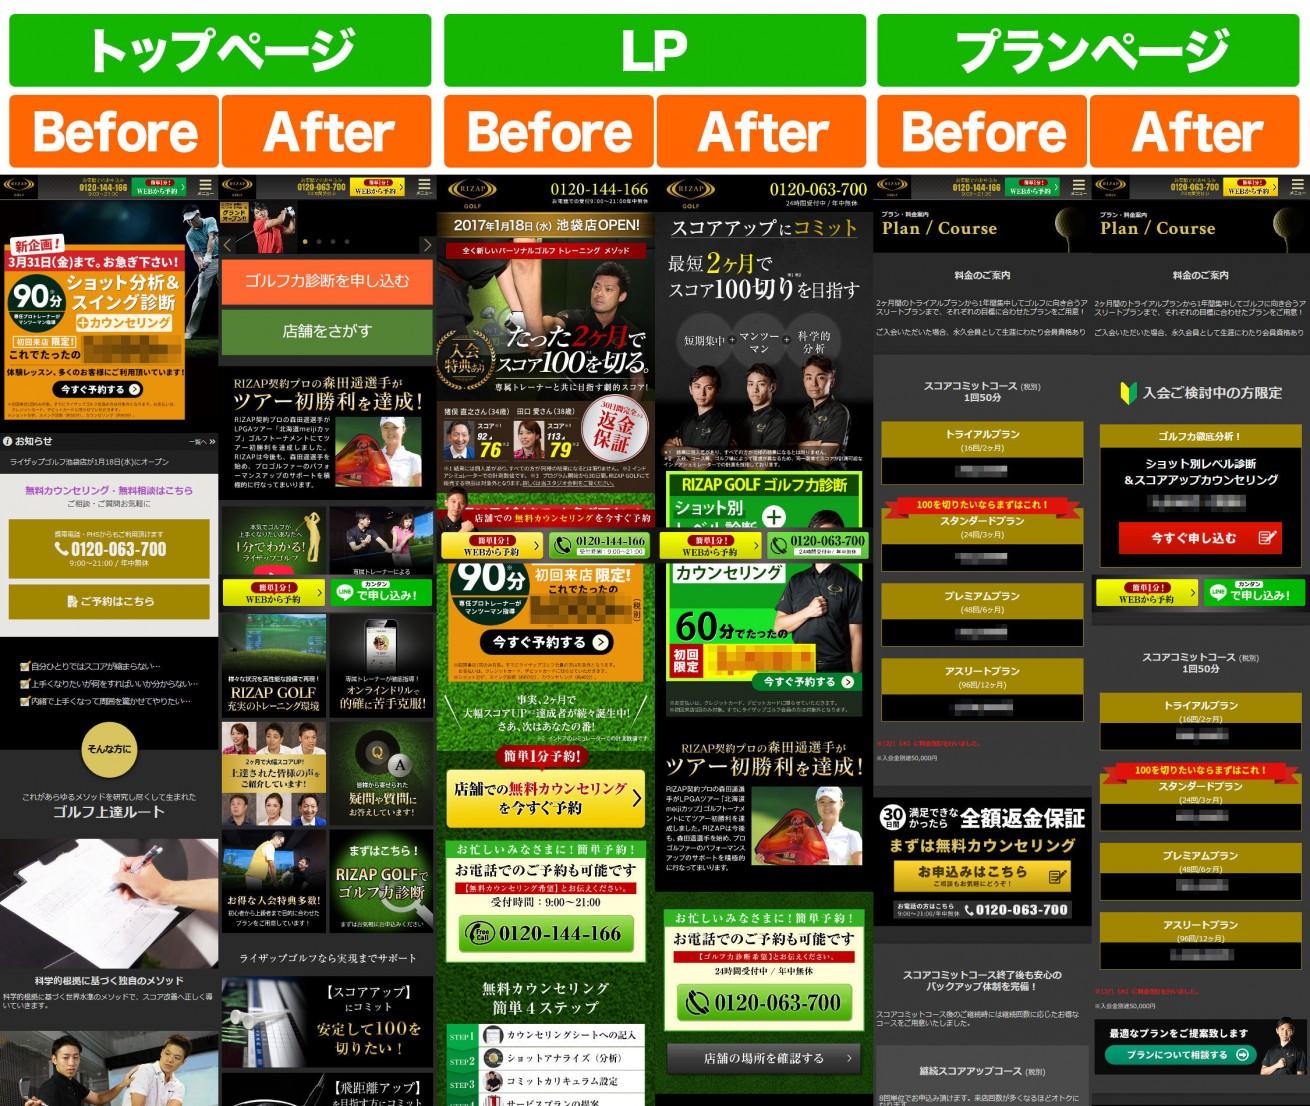 ▲ 左から「トップページ」「LP」「プランページ」の Before / After での比較